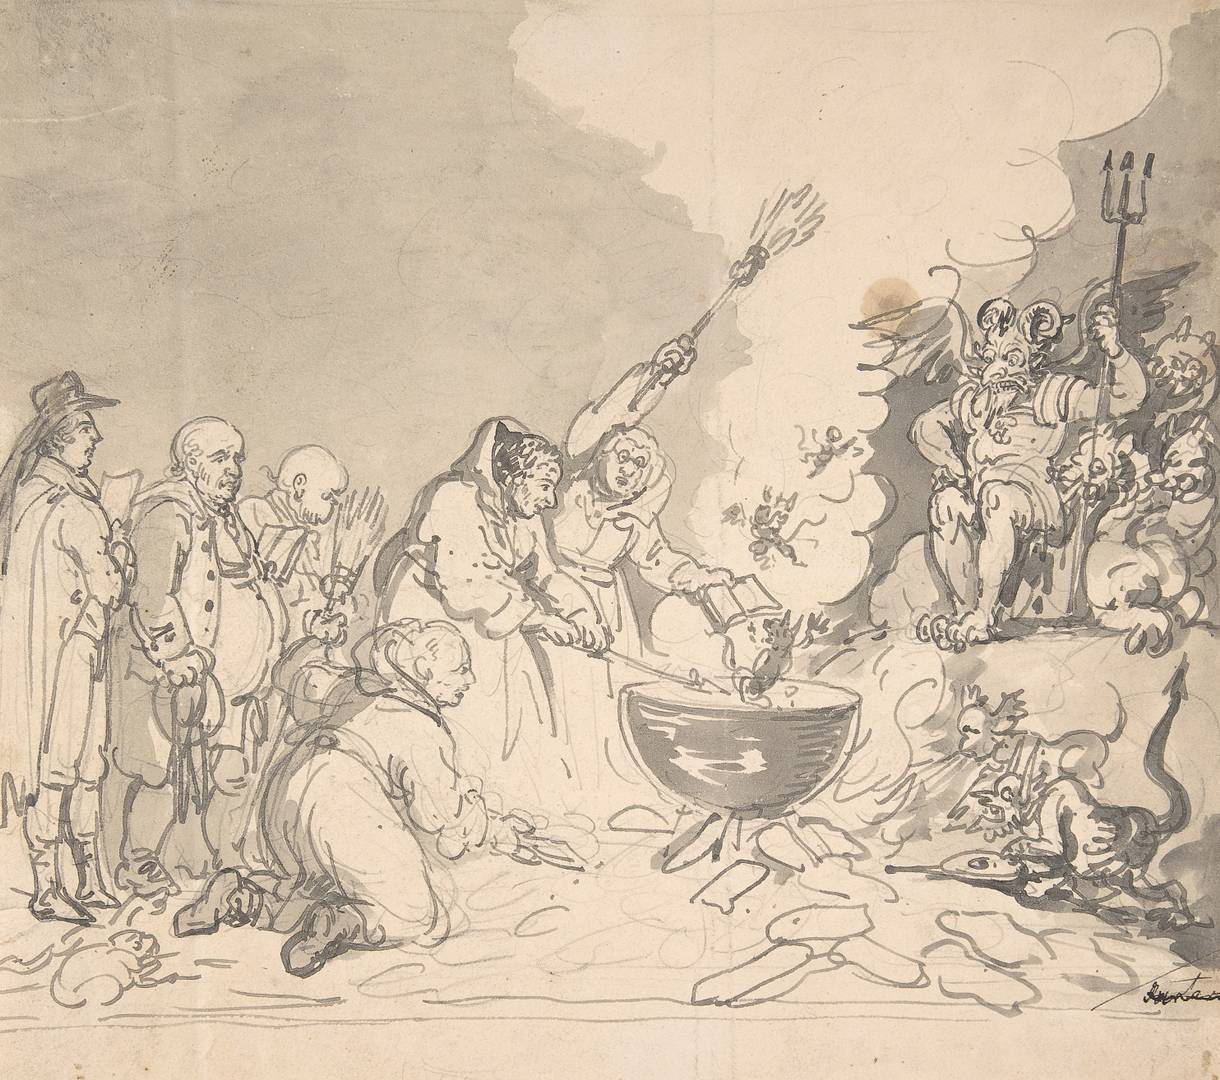 Томас Роулендсон. Чары демократии рассмотренны, проанализированны и уничтоженны. 1 января 1799 г.